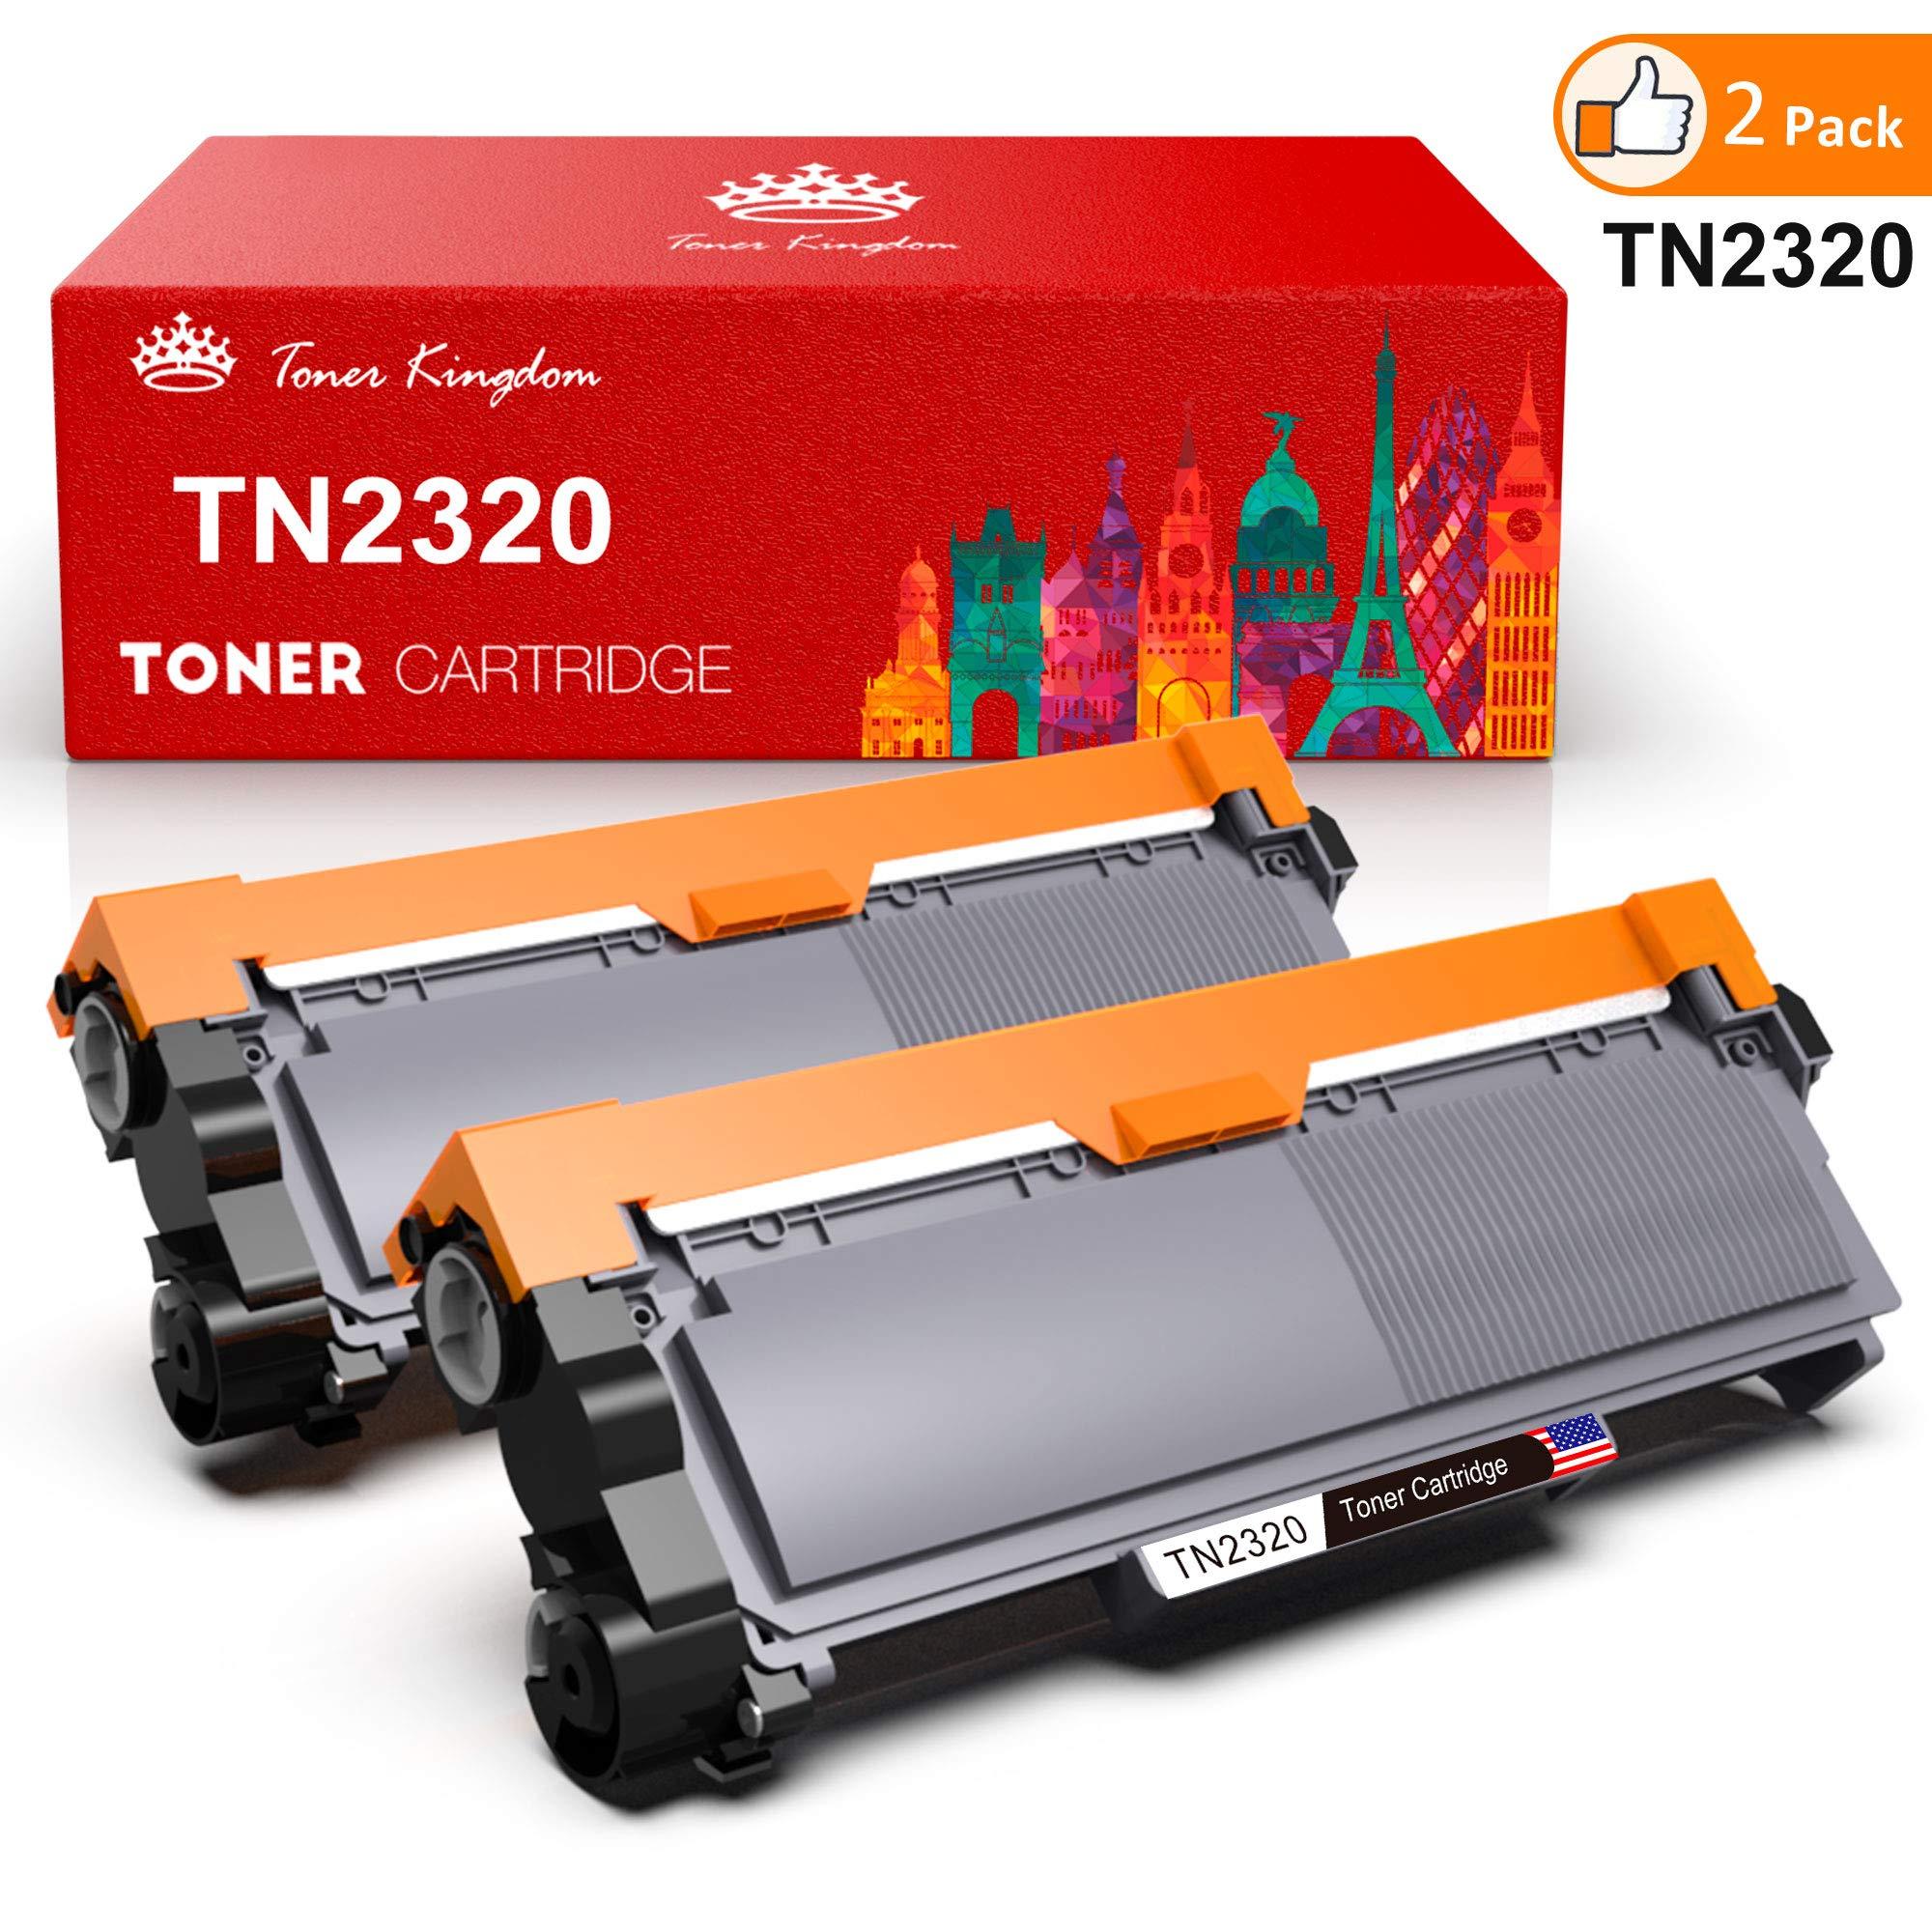 Toner Kingdom 2 Pack cartucho de tóner Compatible Brother TN2320 para su uso en Brother HL